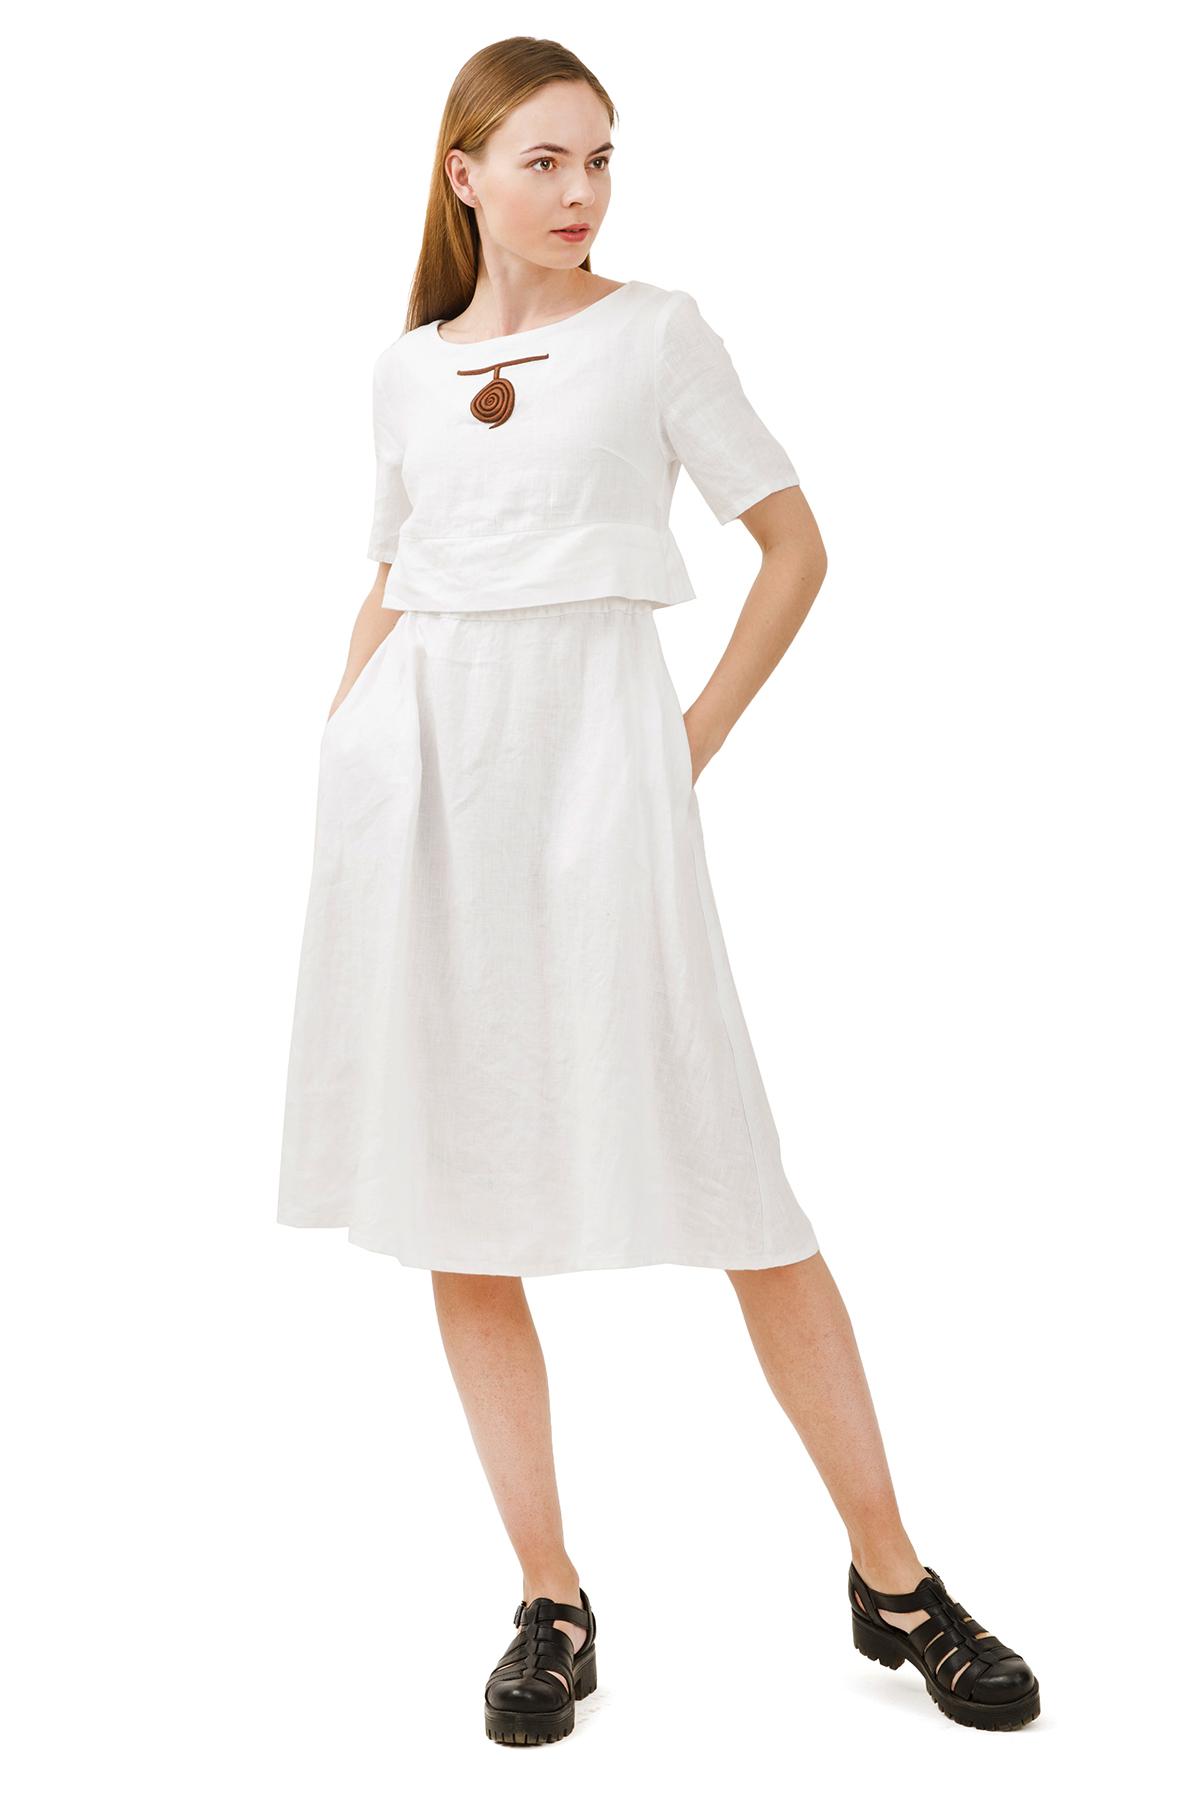 ПлатьеПлатья,  сарафаны<br>Стильное платье выполнено из натуральной ткани - льна. Данная модель удачно подчеркнет красоту Вашей фигуры, а яркая расцветка  не оставит Вас незамеченной.<br><br>Цвет: белый<br>Состав: 100% лен<br>Размер: 40,42,44,46,48,50,52,54<br>Страна дизайна: Россия<br>Страна производства: Россия